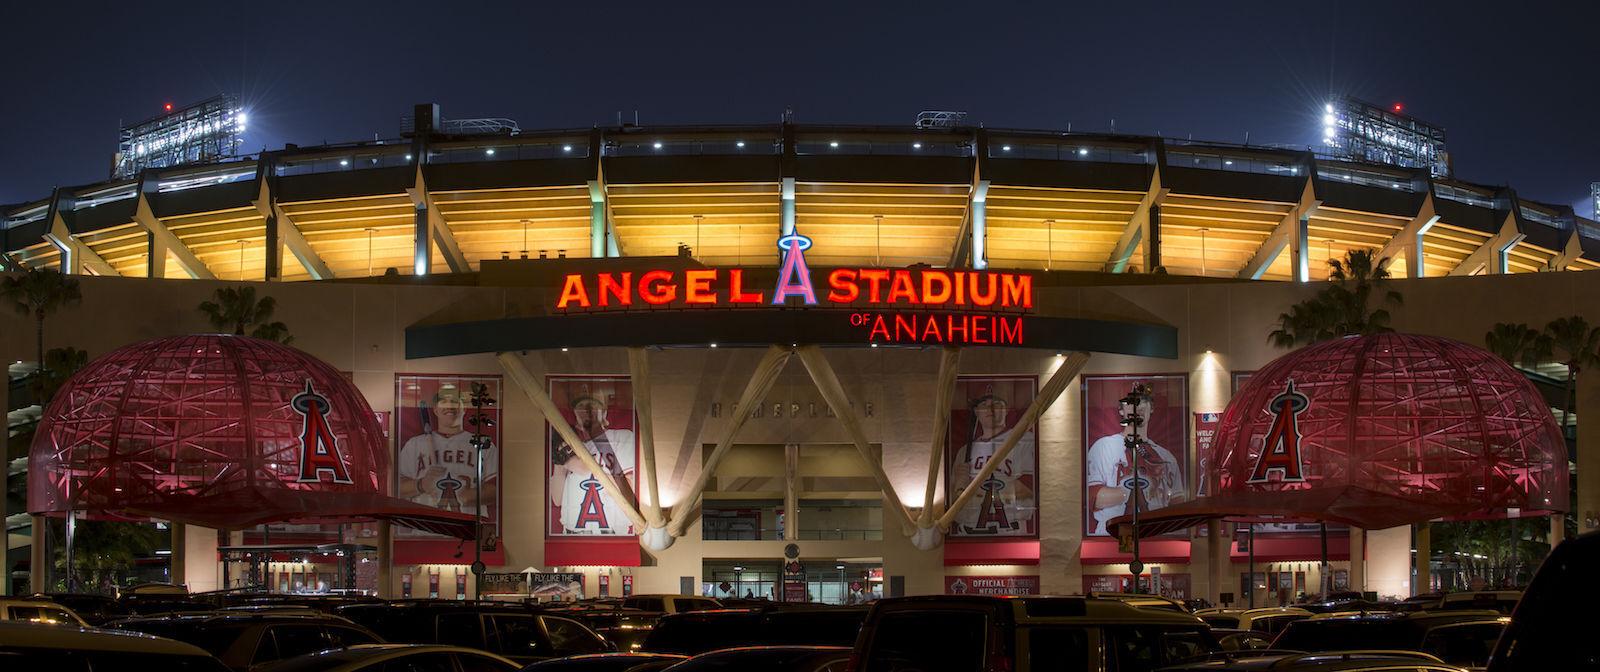 Los Angeles Angels Road Games